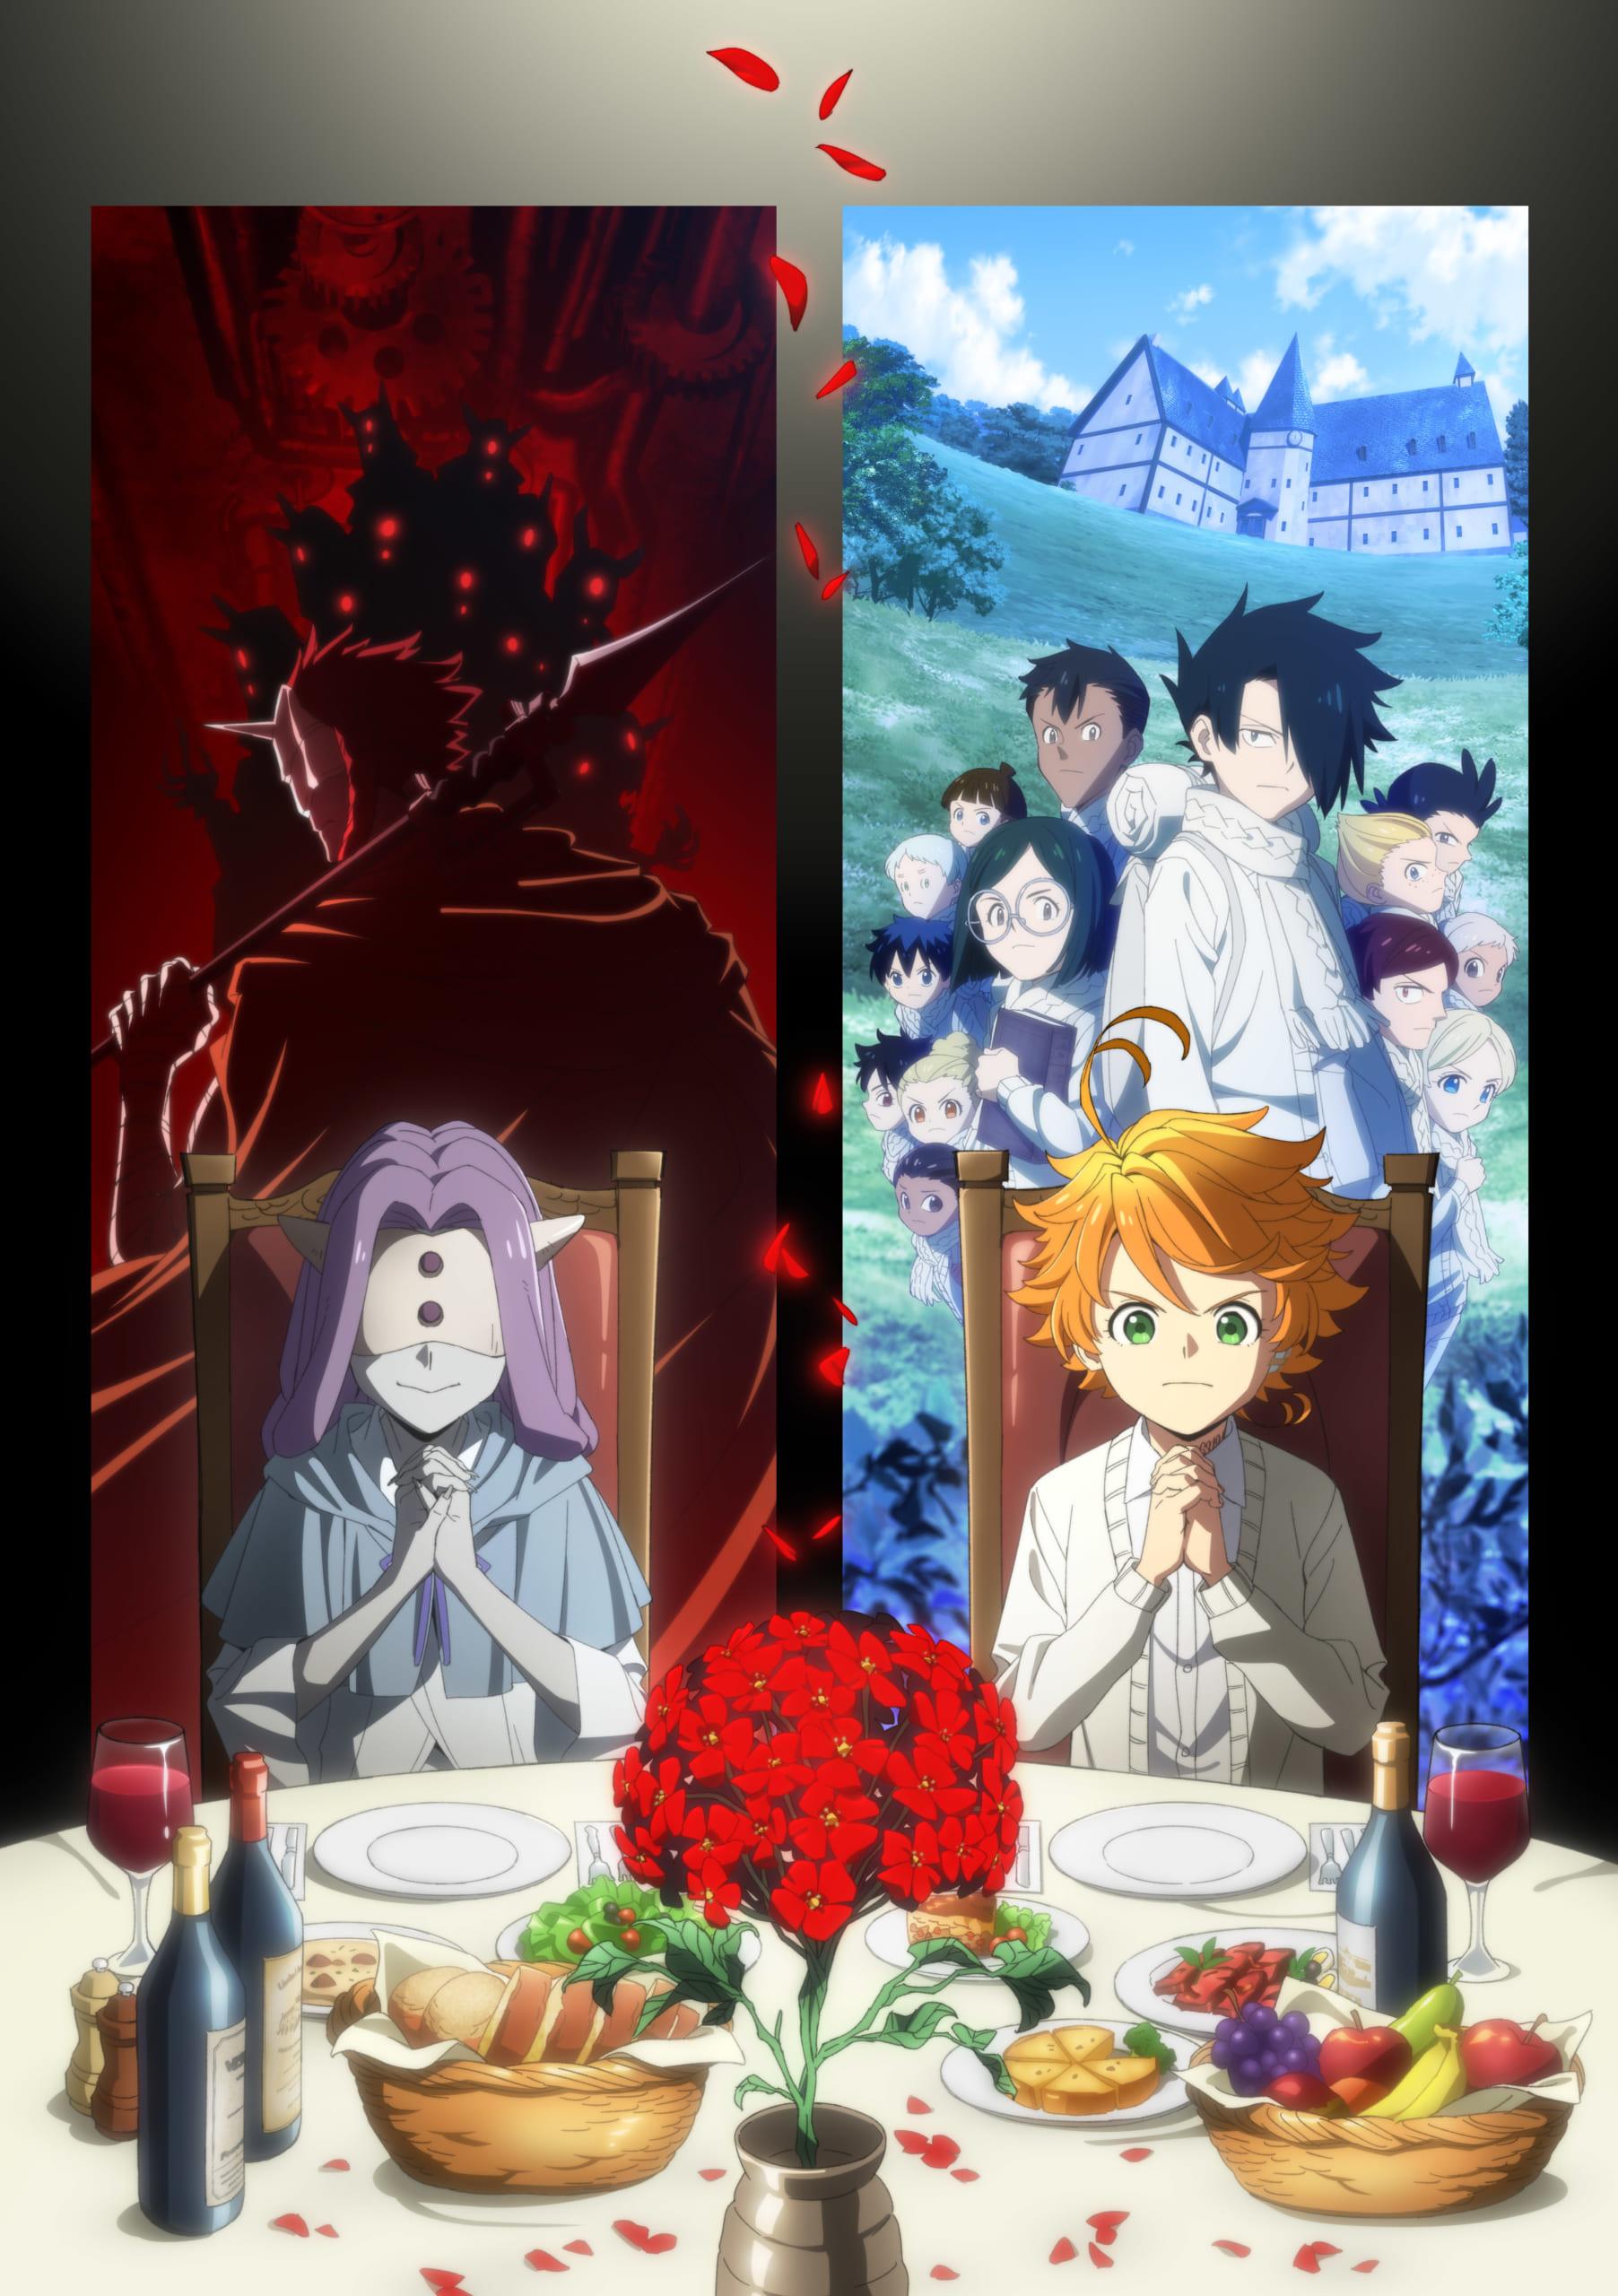 TVアニメ「約束のネバーランド」Season 2 Blu-ray&DVD発売決定!第1期の劇伴含むサントラも